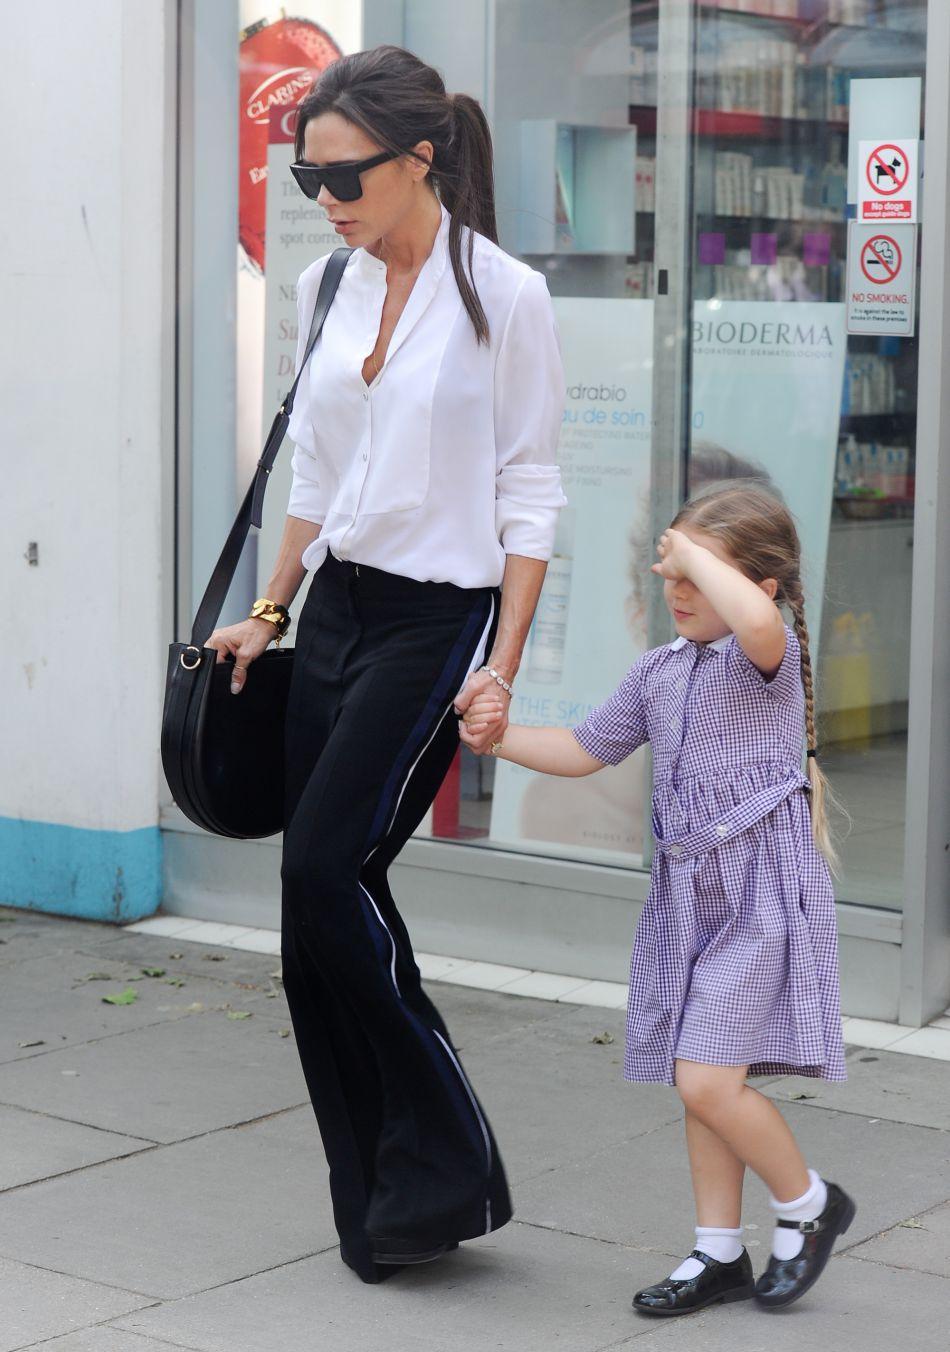 La petite Harper Beckham a fêté ses cinq ans ce dimanche 10 juillet.